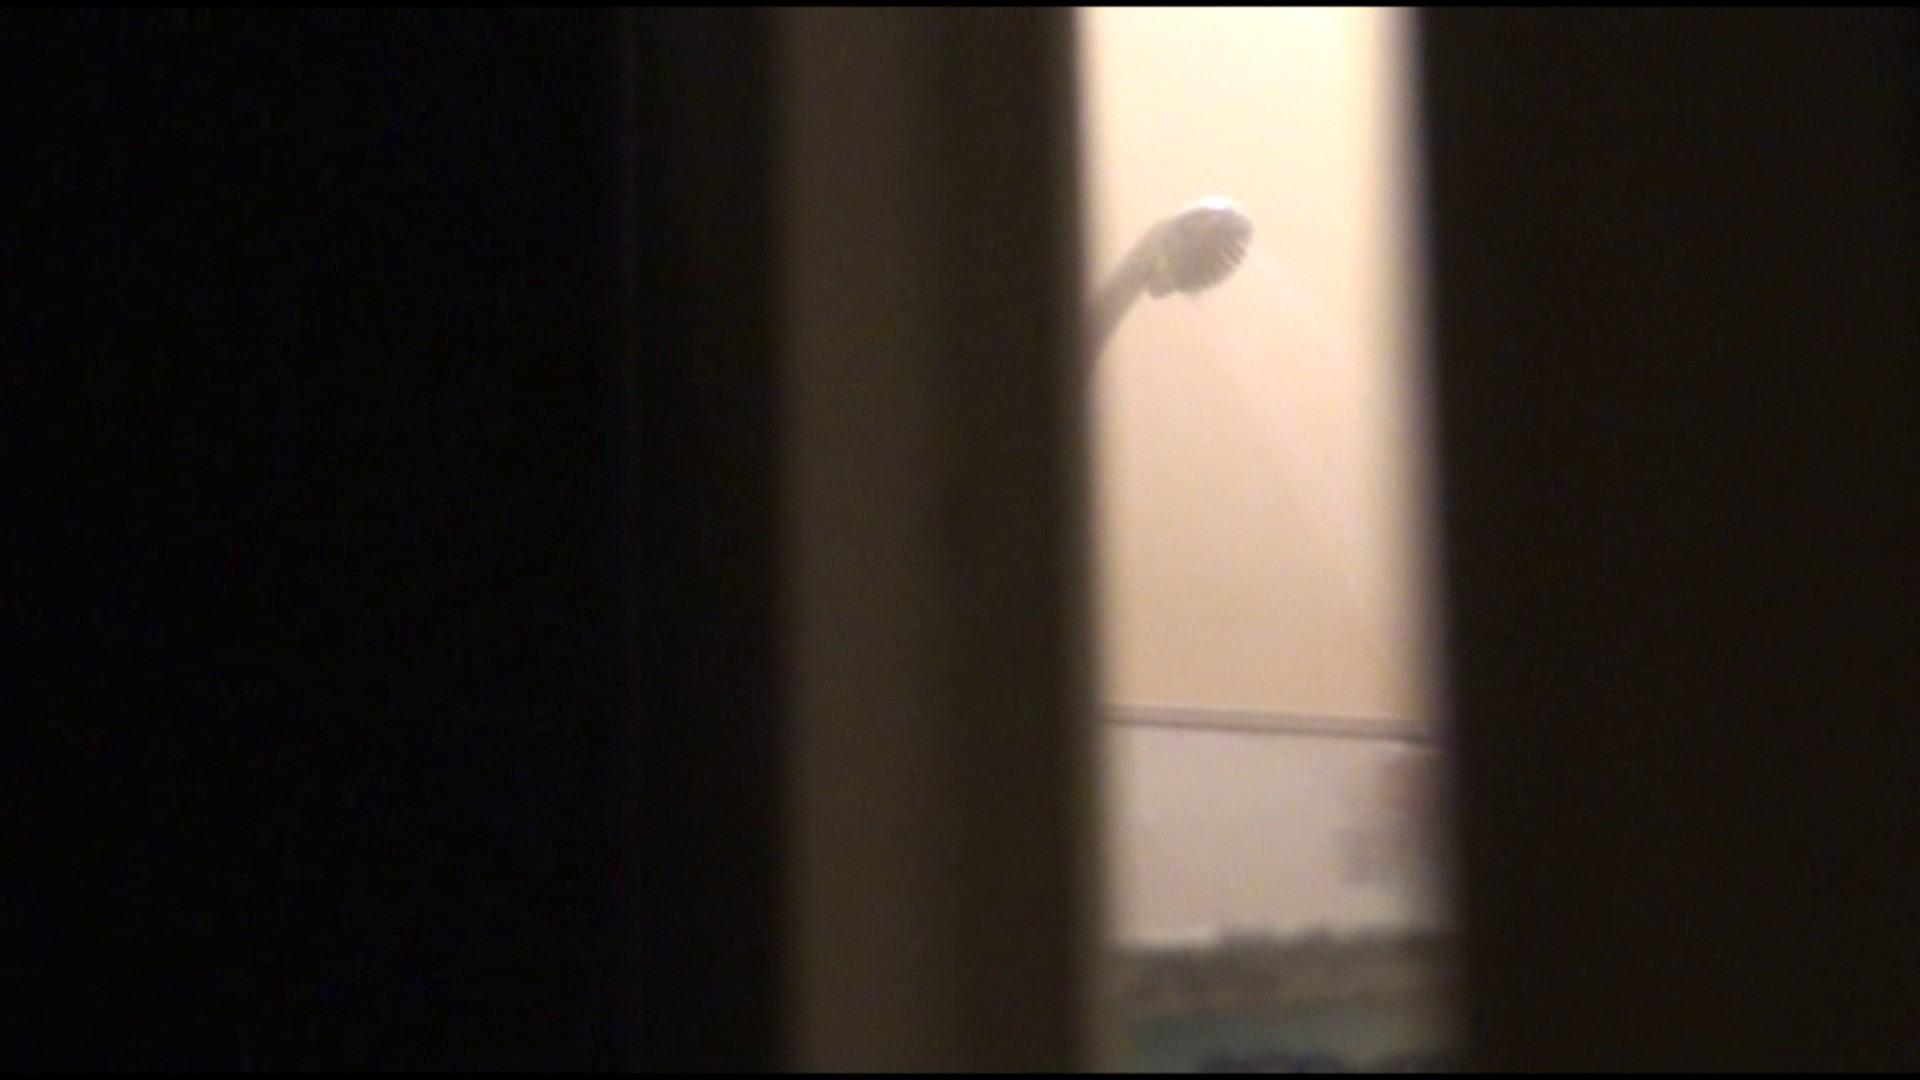 vol.08最高のパイラインを流れるシャワーの水が極上嬢をさらに引き立てます! 覗き おめこ無修正動画無料 78画像 23